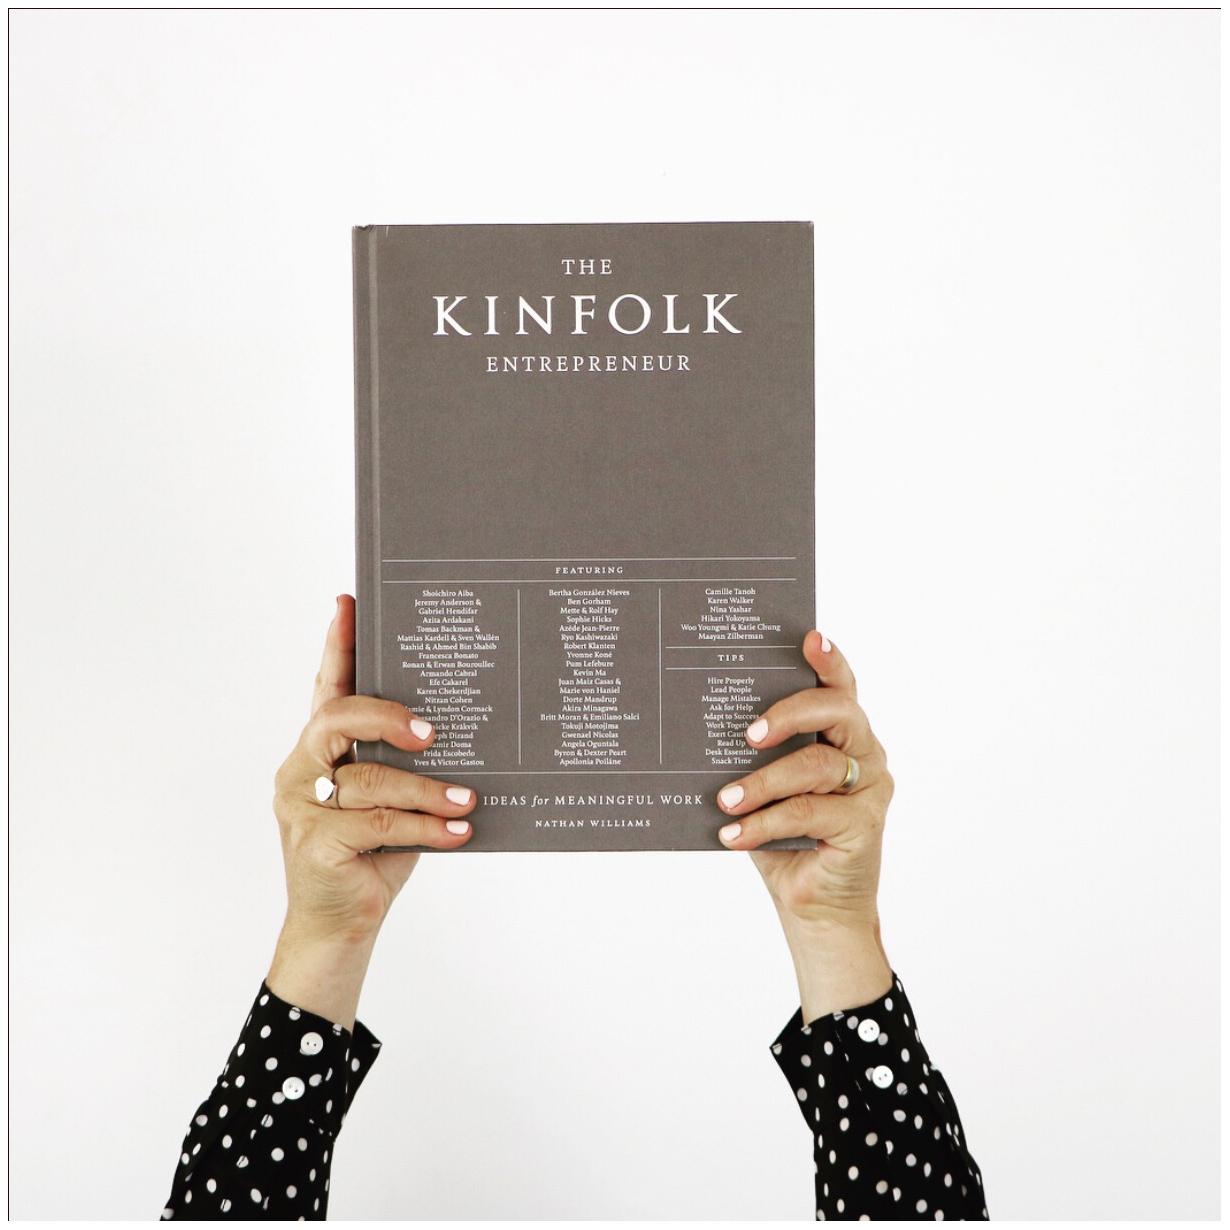 The Kinfolk Entrepreneur - Ideas for Meaningful Work